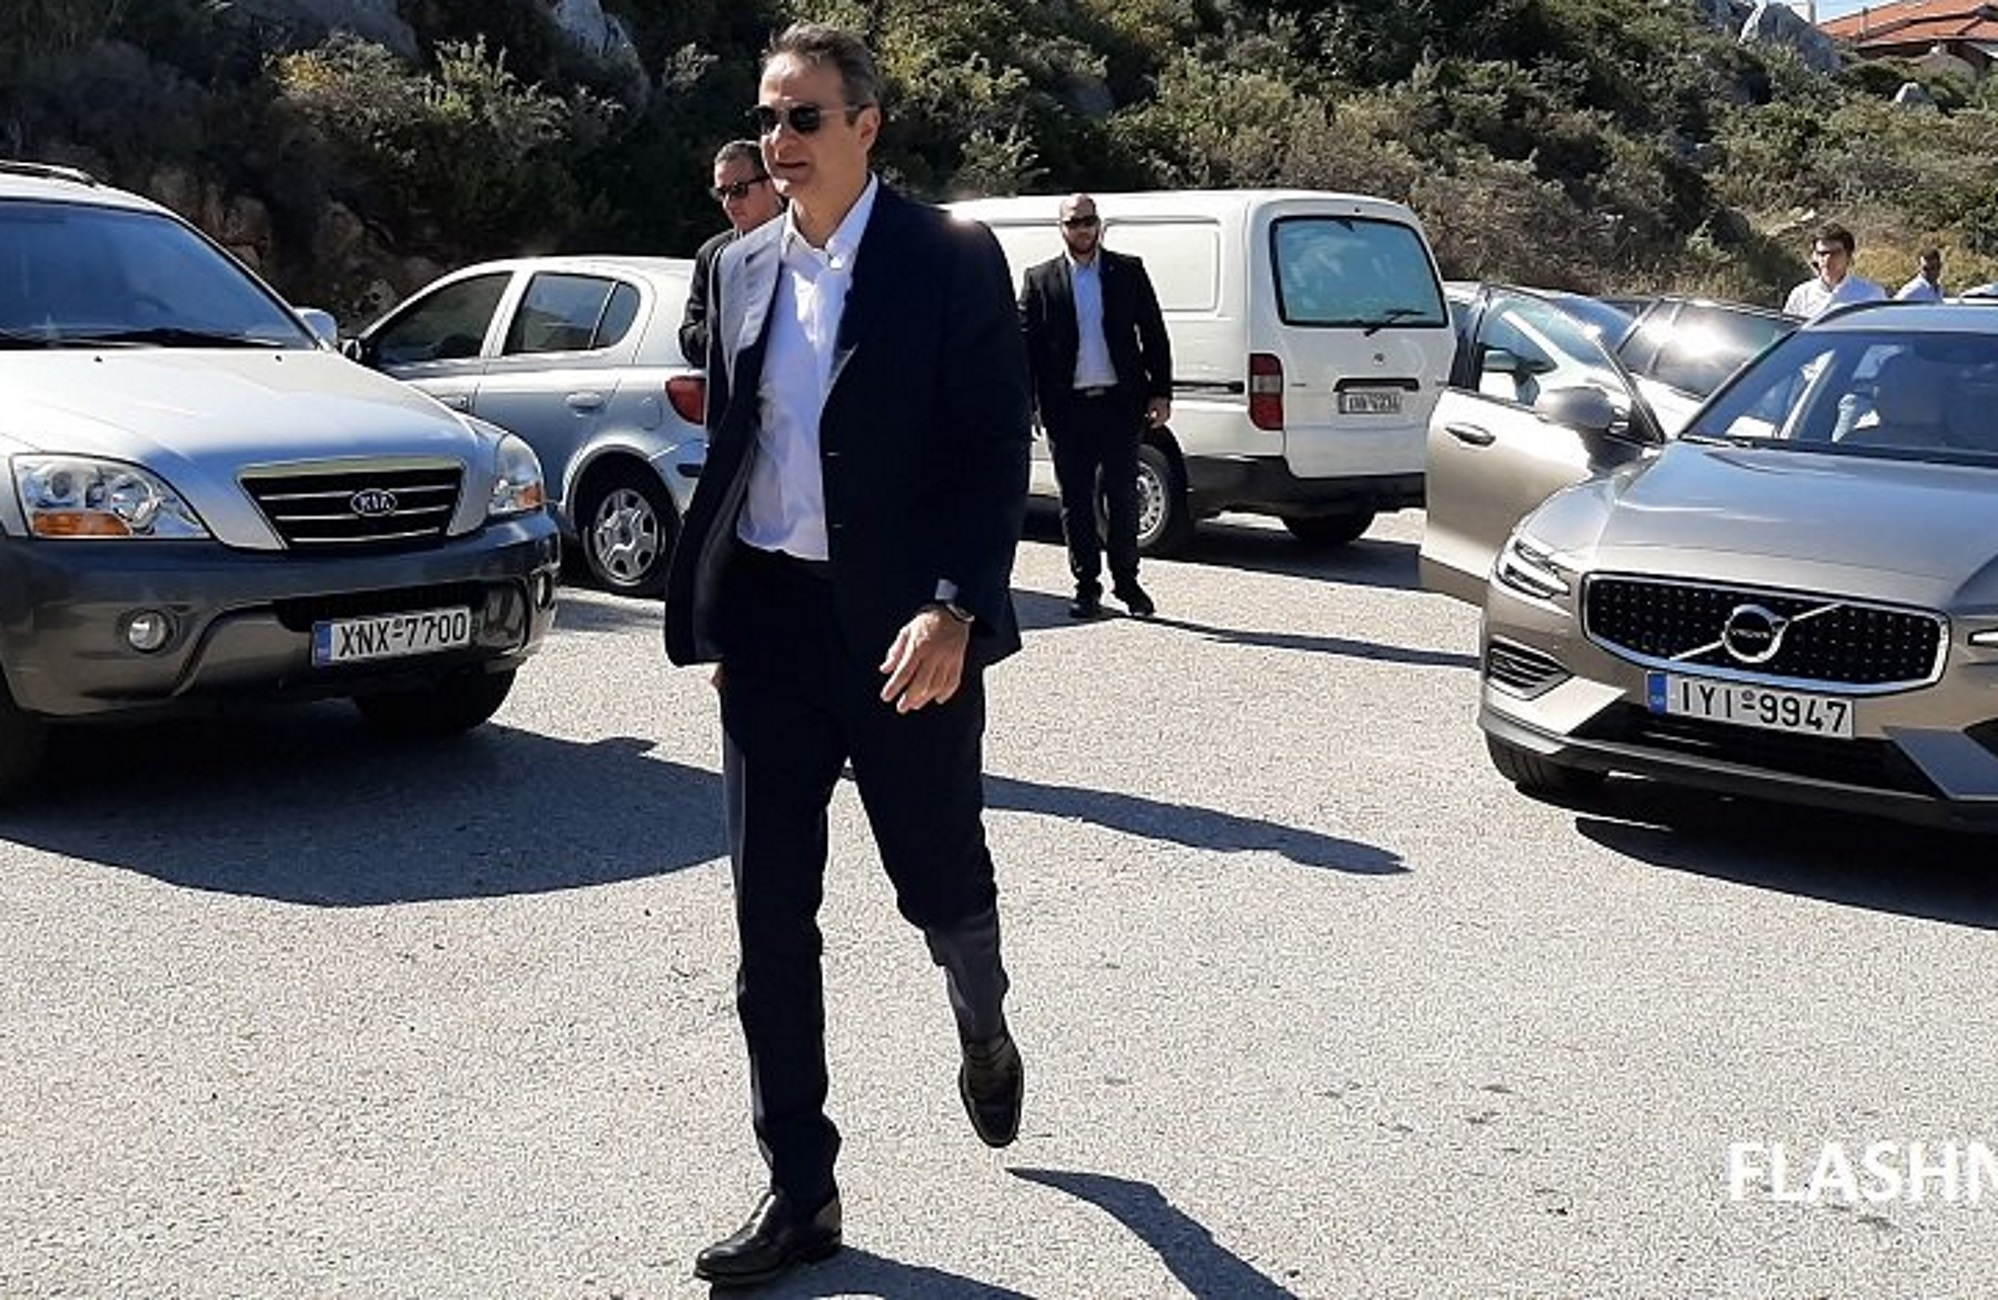 Χανιά: Συγκίνηση στο μνημόσυνο του Κωνσταντίνου Μητσοτάκη! Δίπλα στον πρωθυπουργό ο Μανούσος Γρυλλάκης(φωτο,βιντεο)